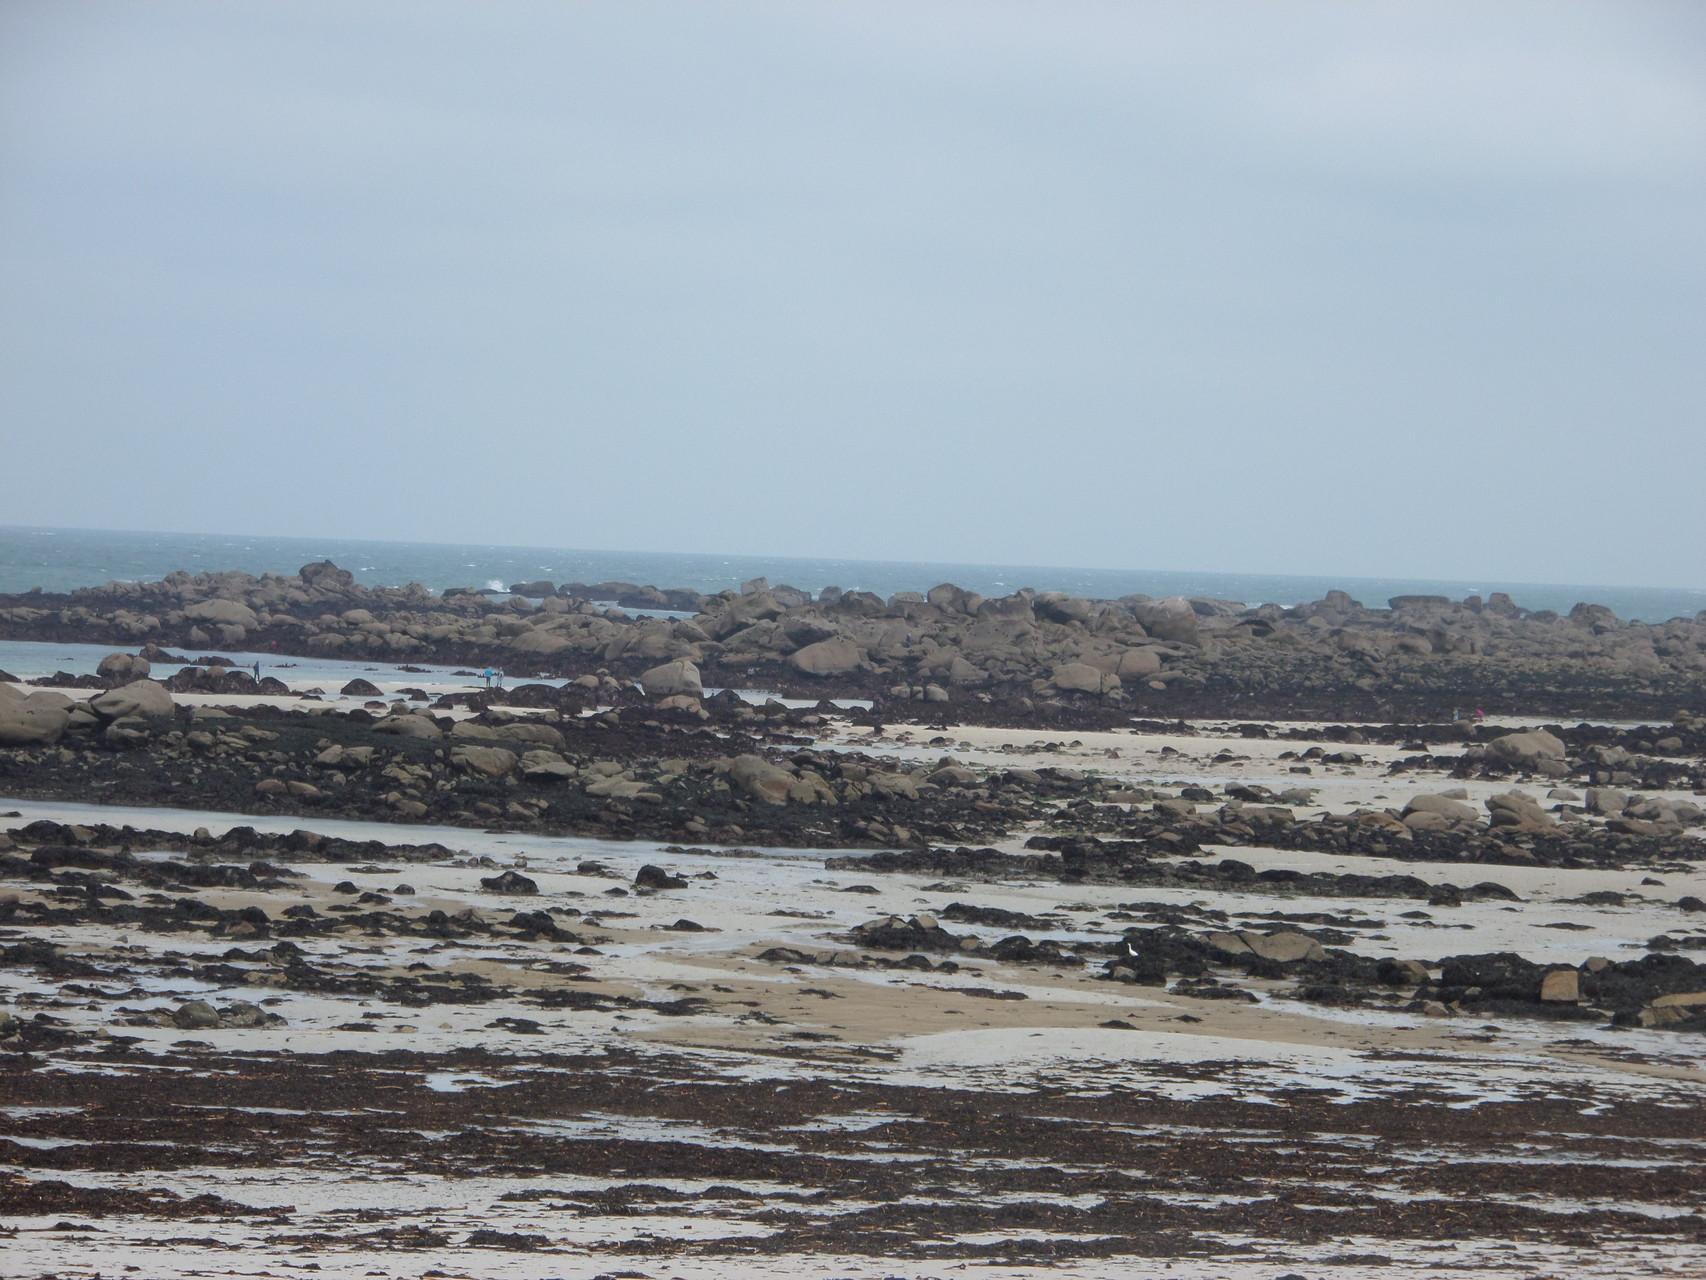 La côte rocheuse par grande marée - Kerlouan